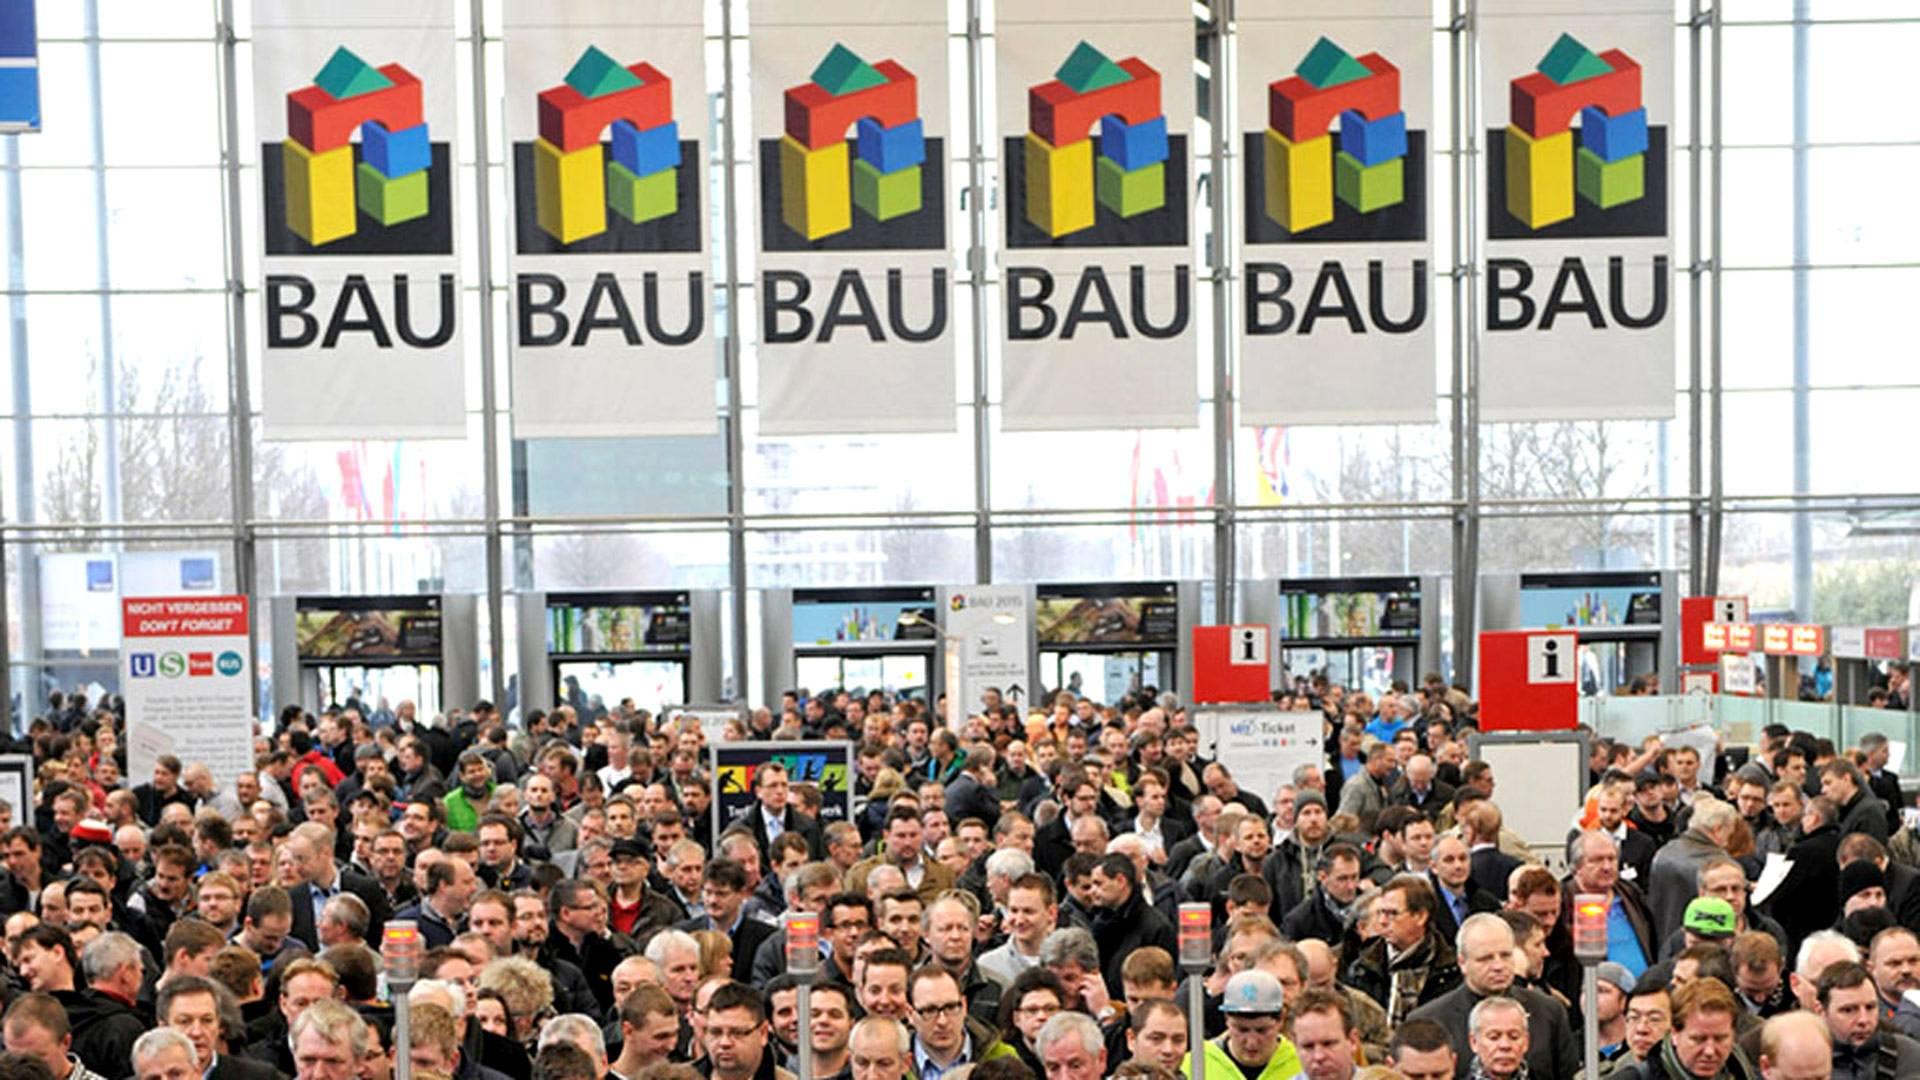 BAU 2017 München Impressionen [1]